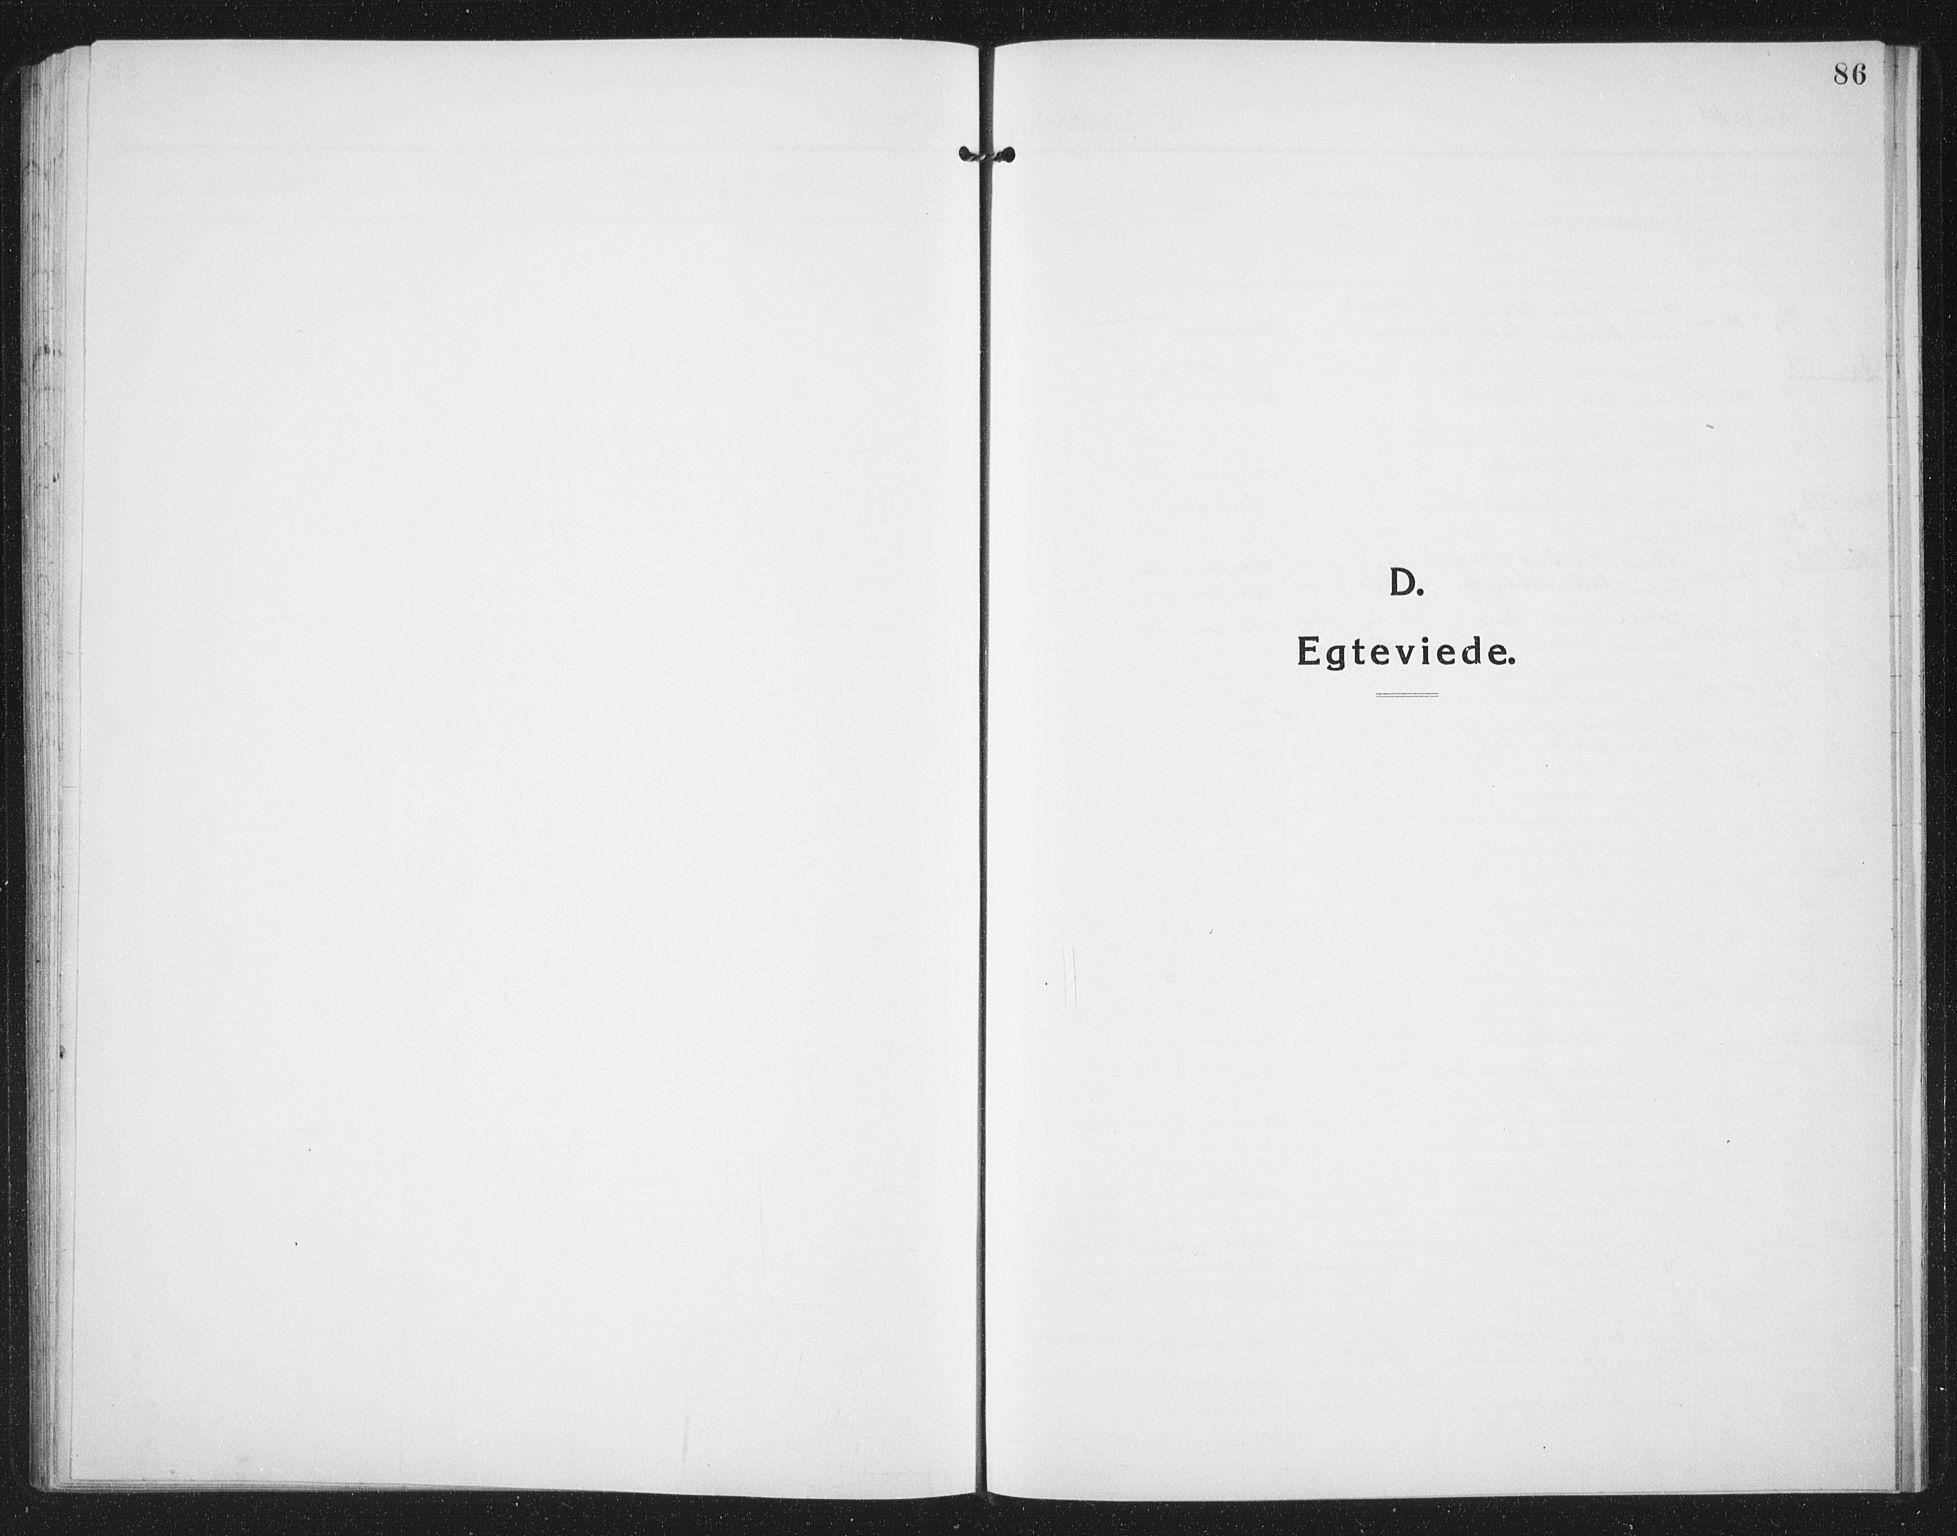 SAT, Ministerialprotokoller, klokkerbøker og fødselsregistre - Sør-Trøndelag, 659/L0750: Klokkerbok nr. 659C07, 1914-1940, s. 86